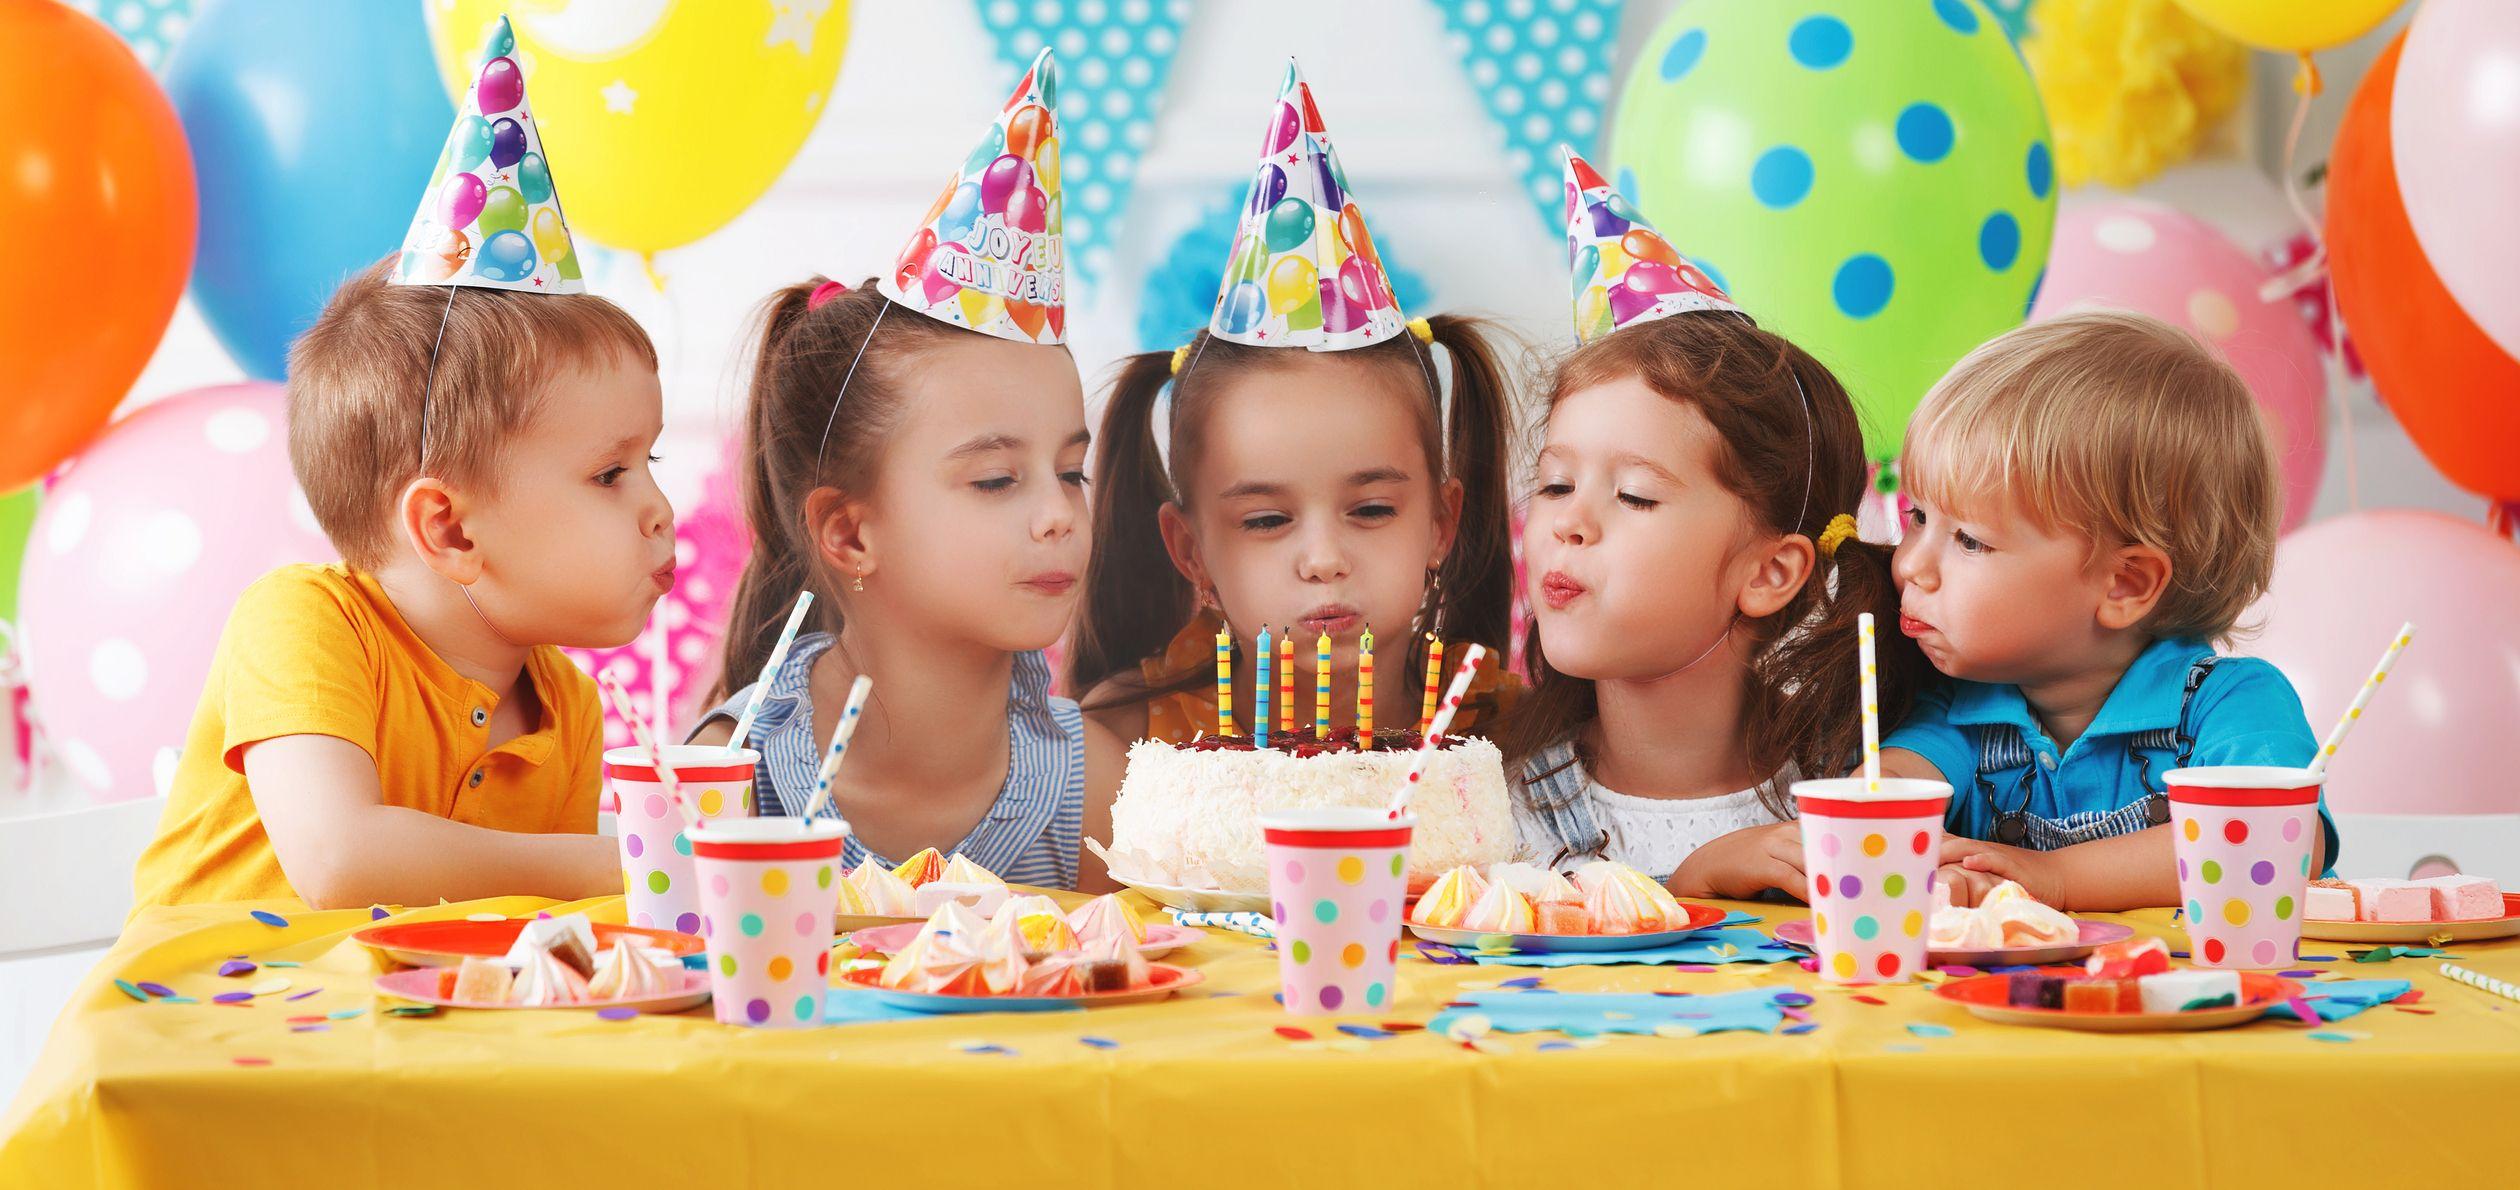 Resultado de imagen para kids party